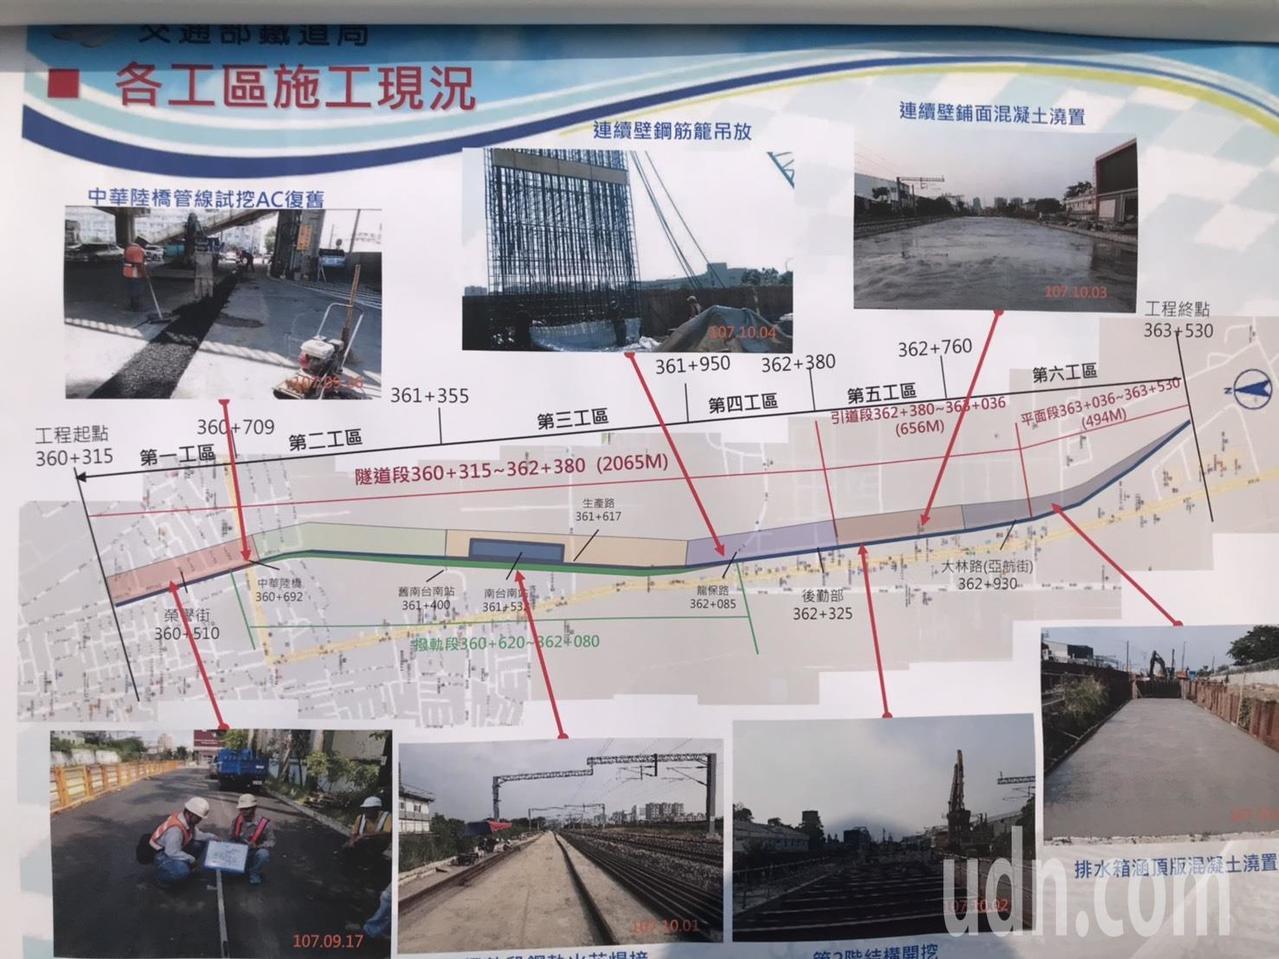 台南鐵路地下化採取分段多工作面方式進行施作。記者綦守鈺/攝影